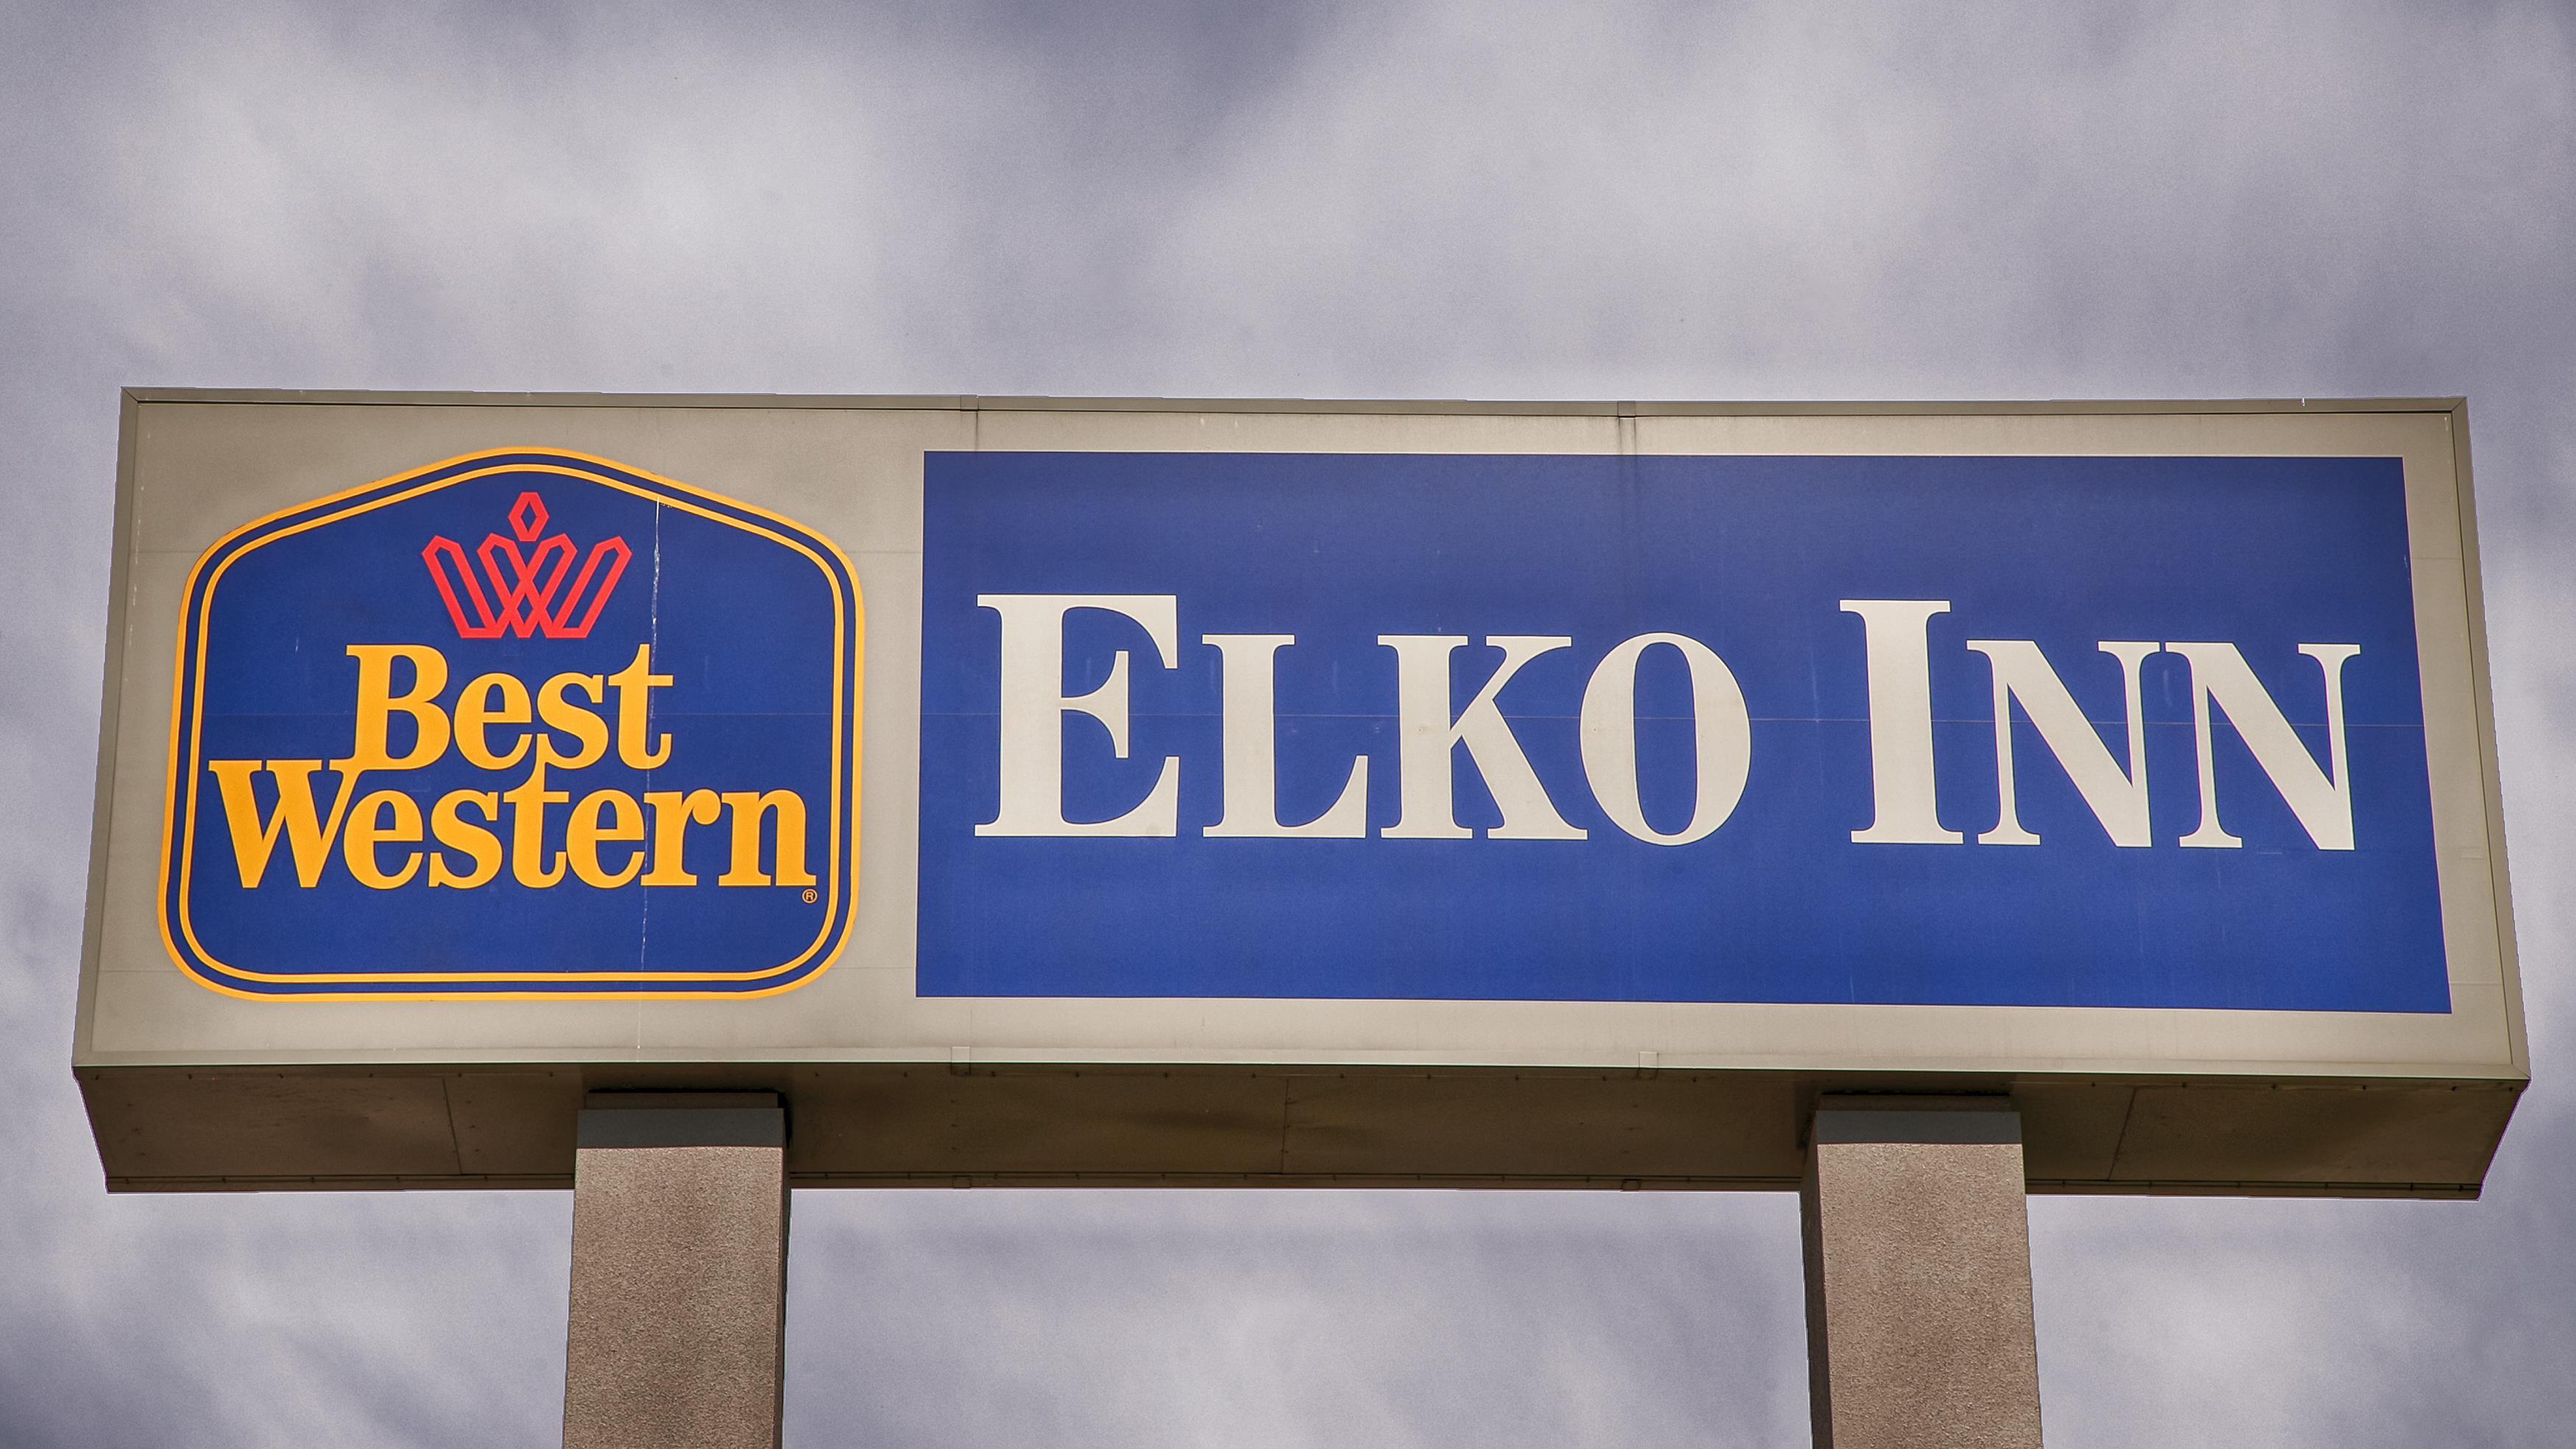 Best Western Elko Inn, Elko NV